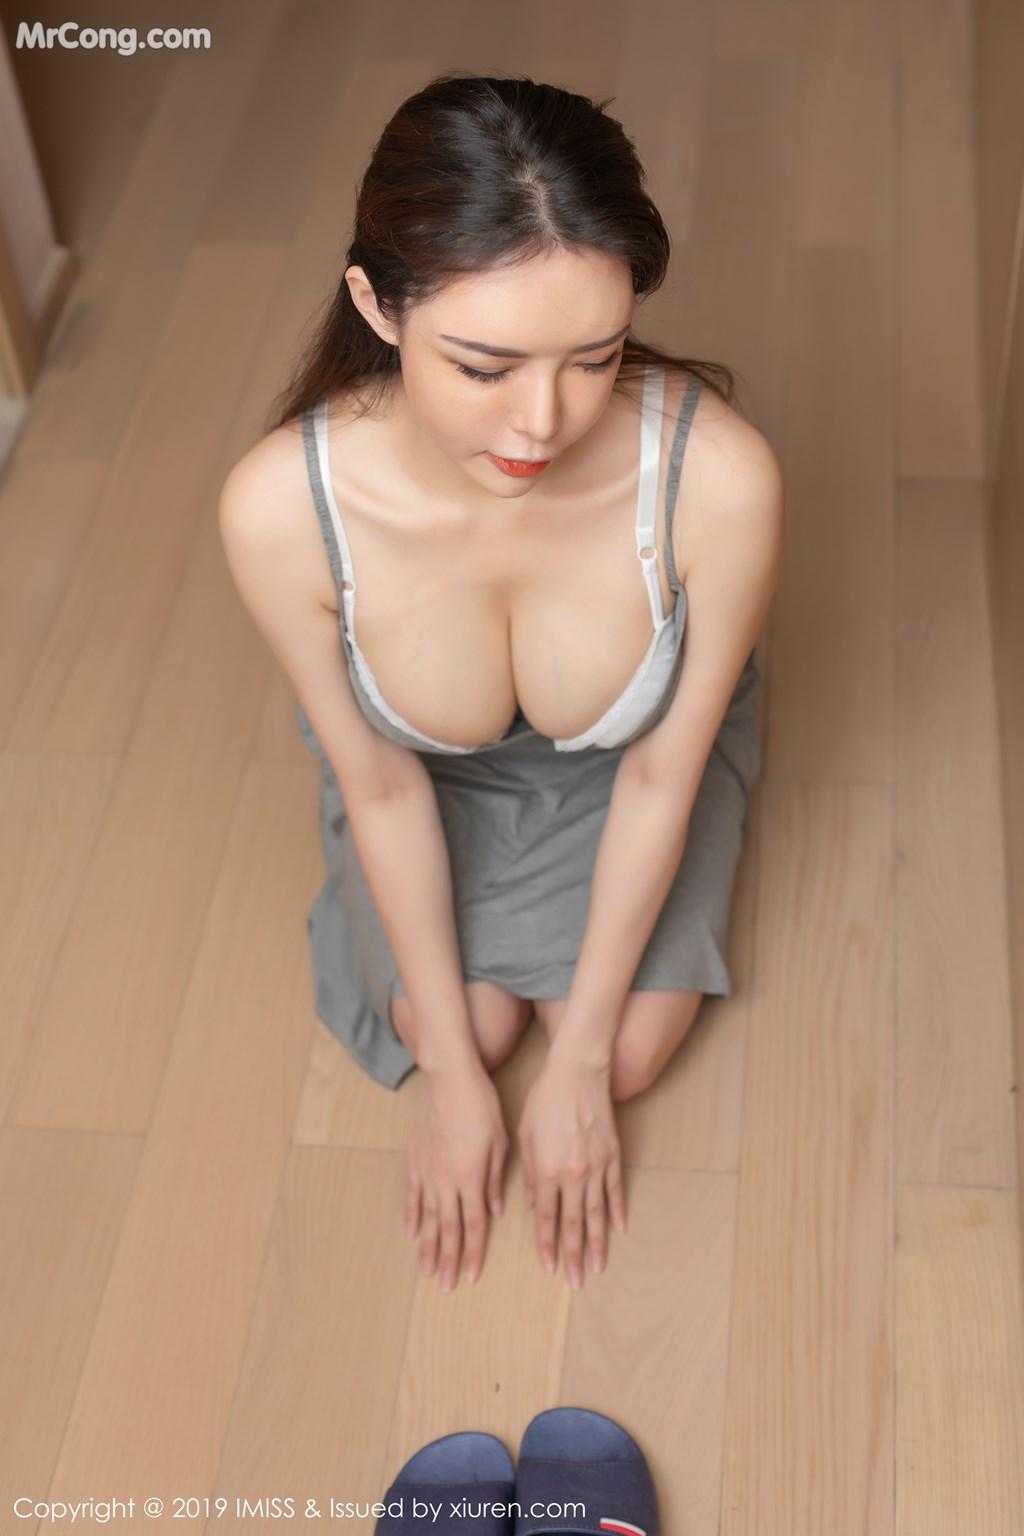 từng là bạn thân với Hương bella và Quỳnh Kool